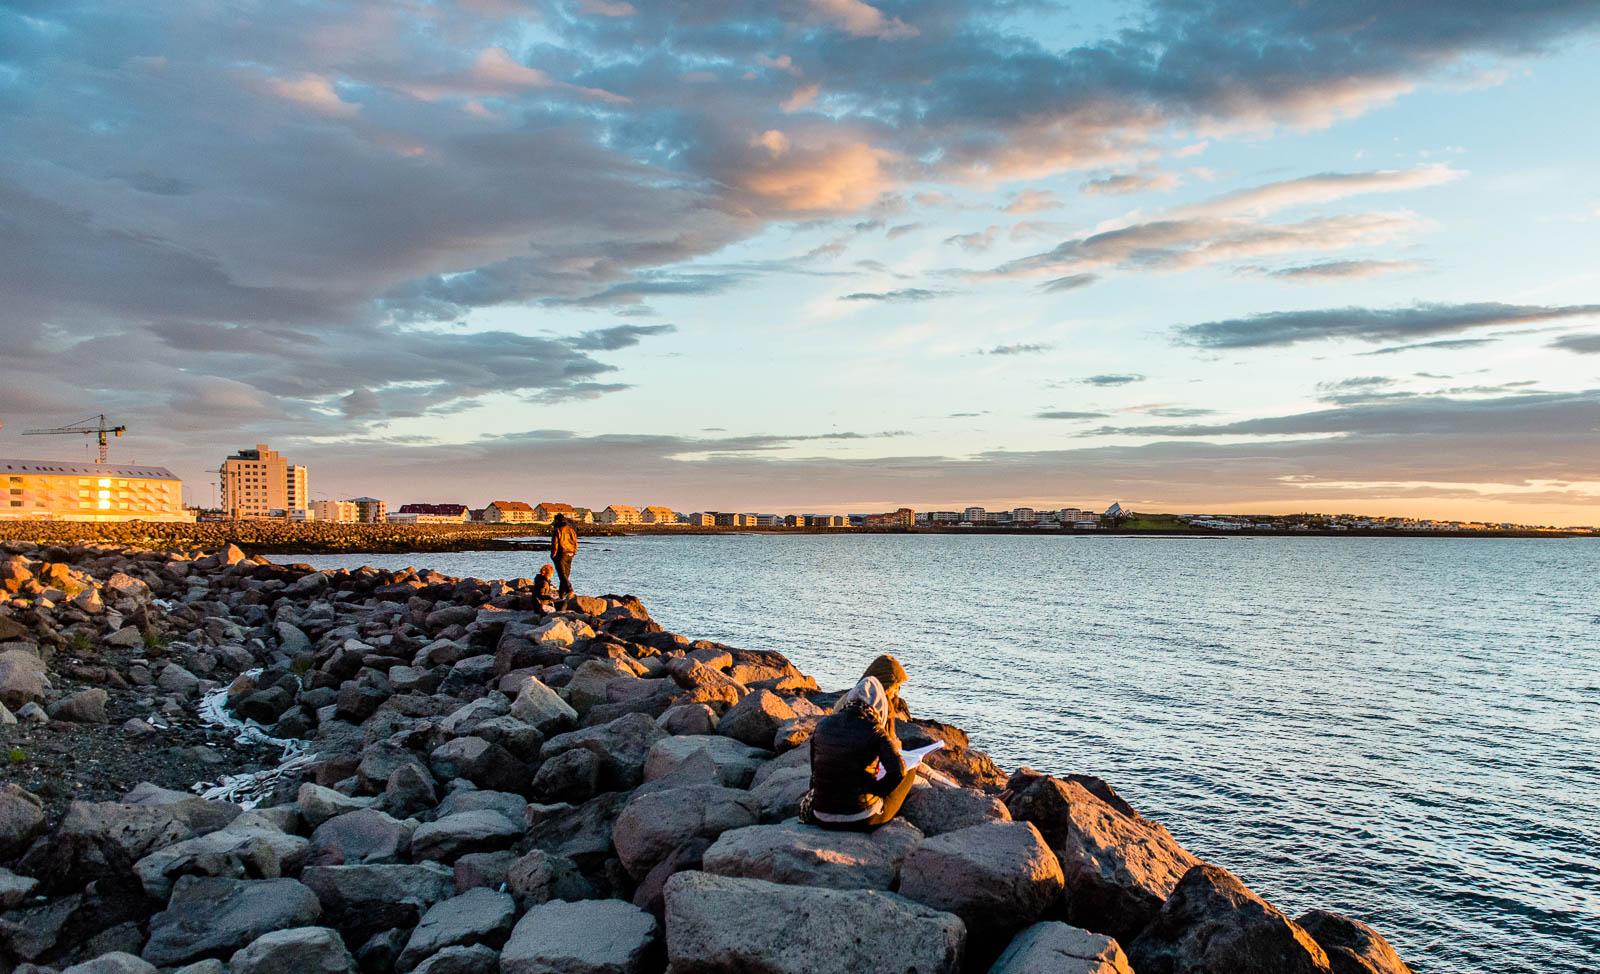 iceland-reykjavik-19